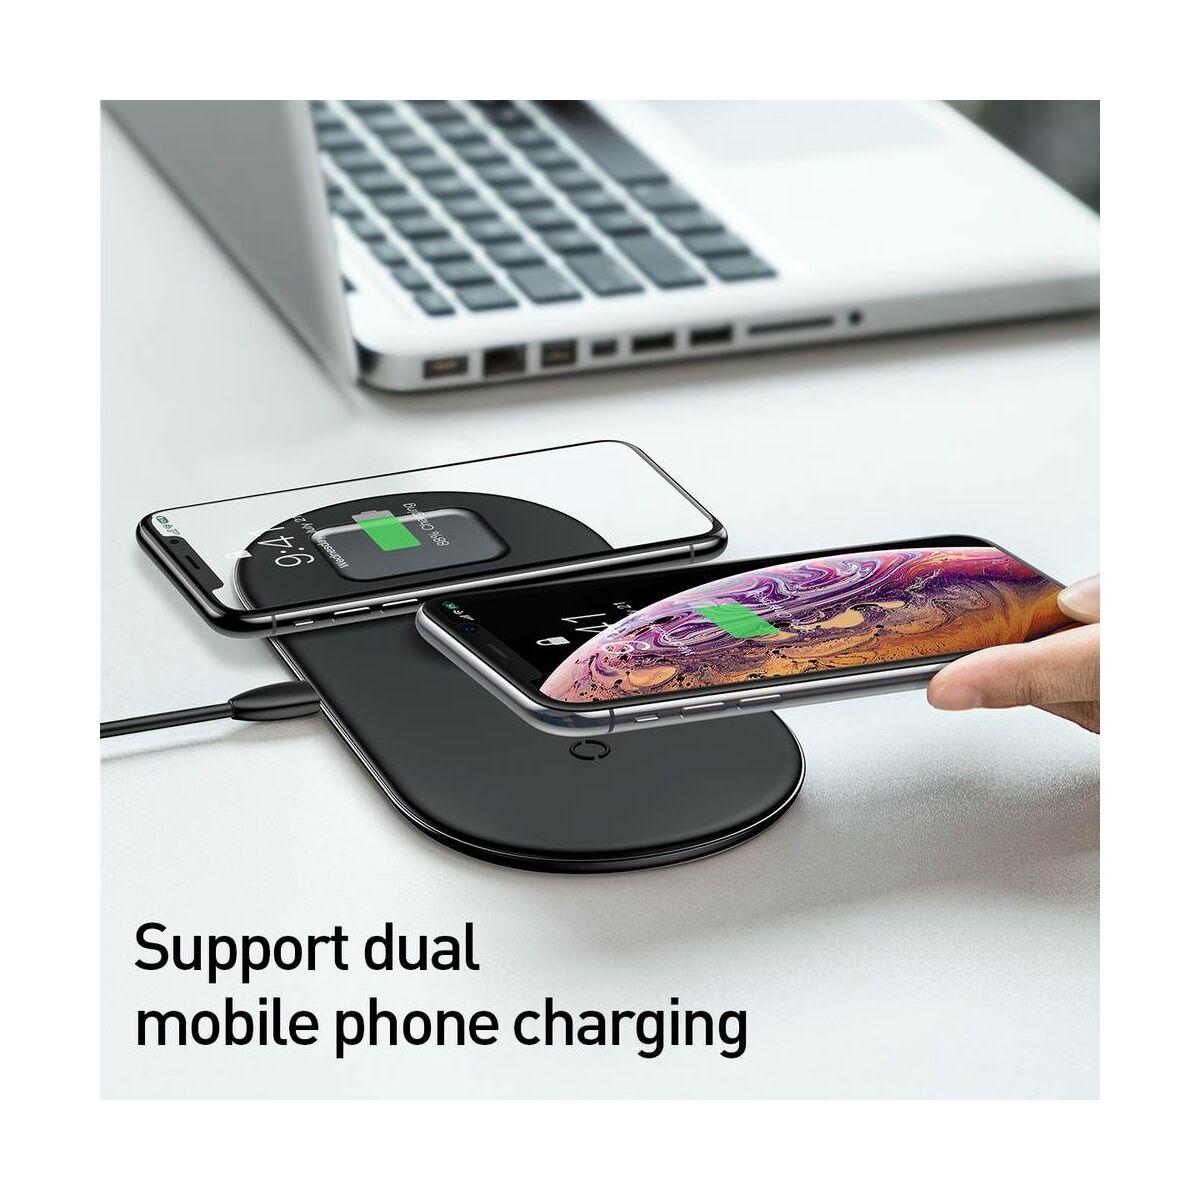 Baseus Vezeték nélküli töltő 3-in-1 (iPhone+Watch+Pods - 18W MAX), fekete (WX3-in-1-01)